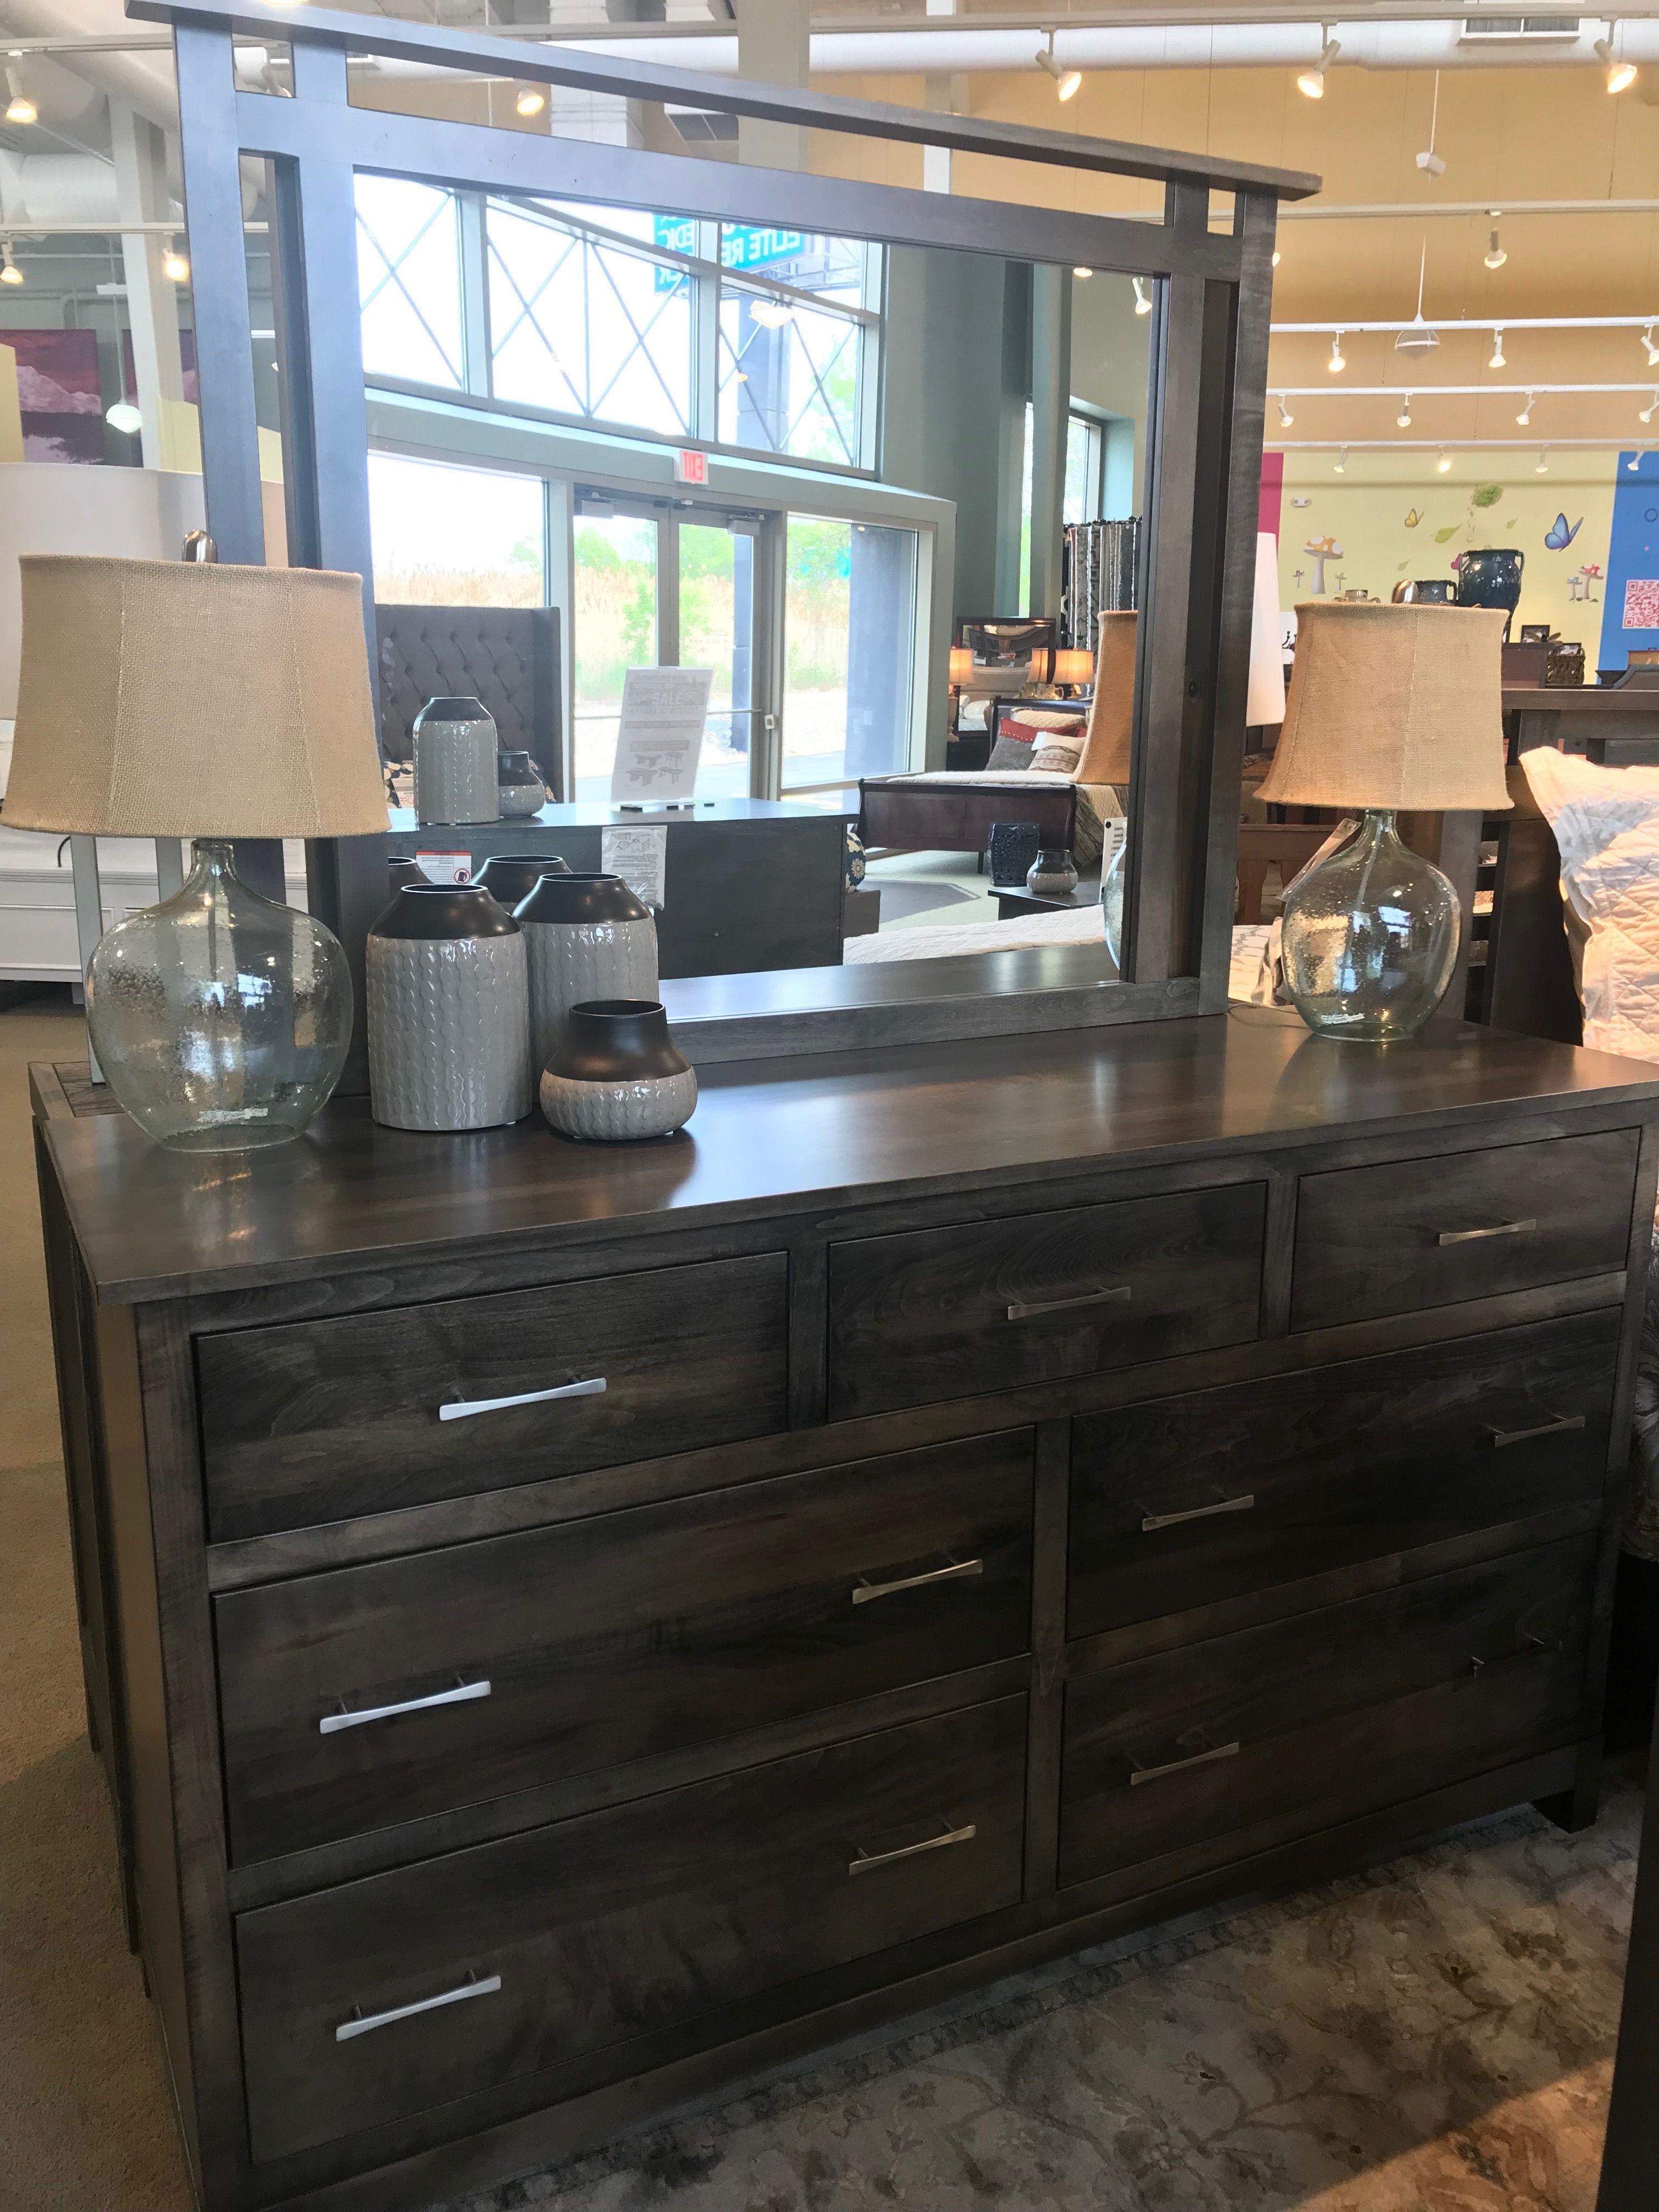 Furniture Row Rowe furniture